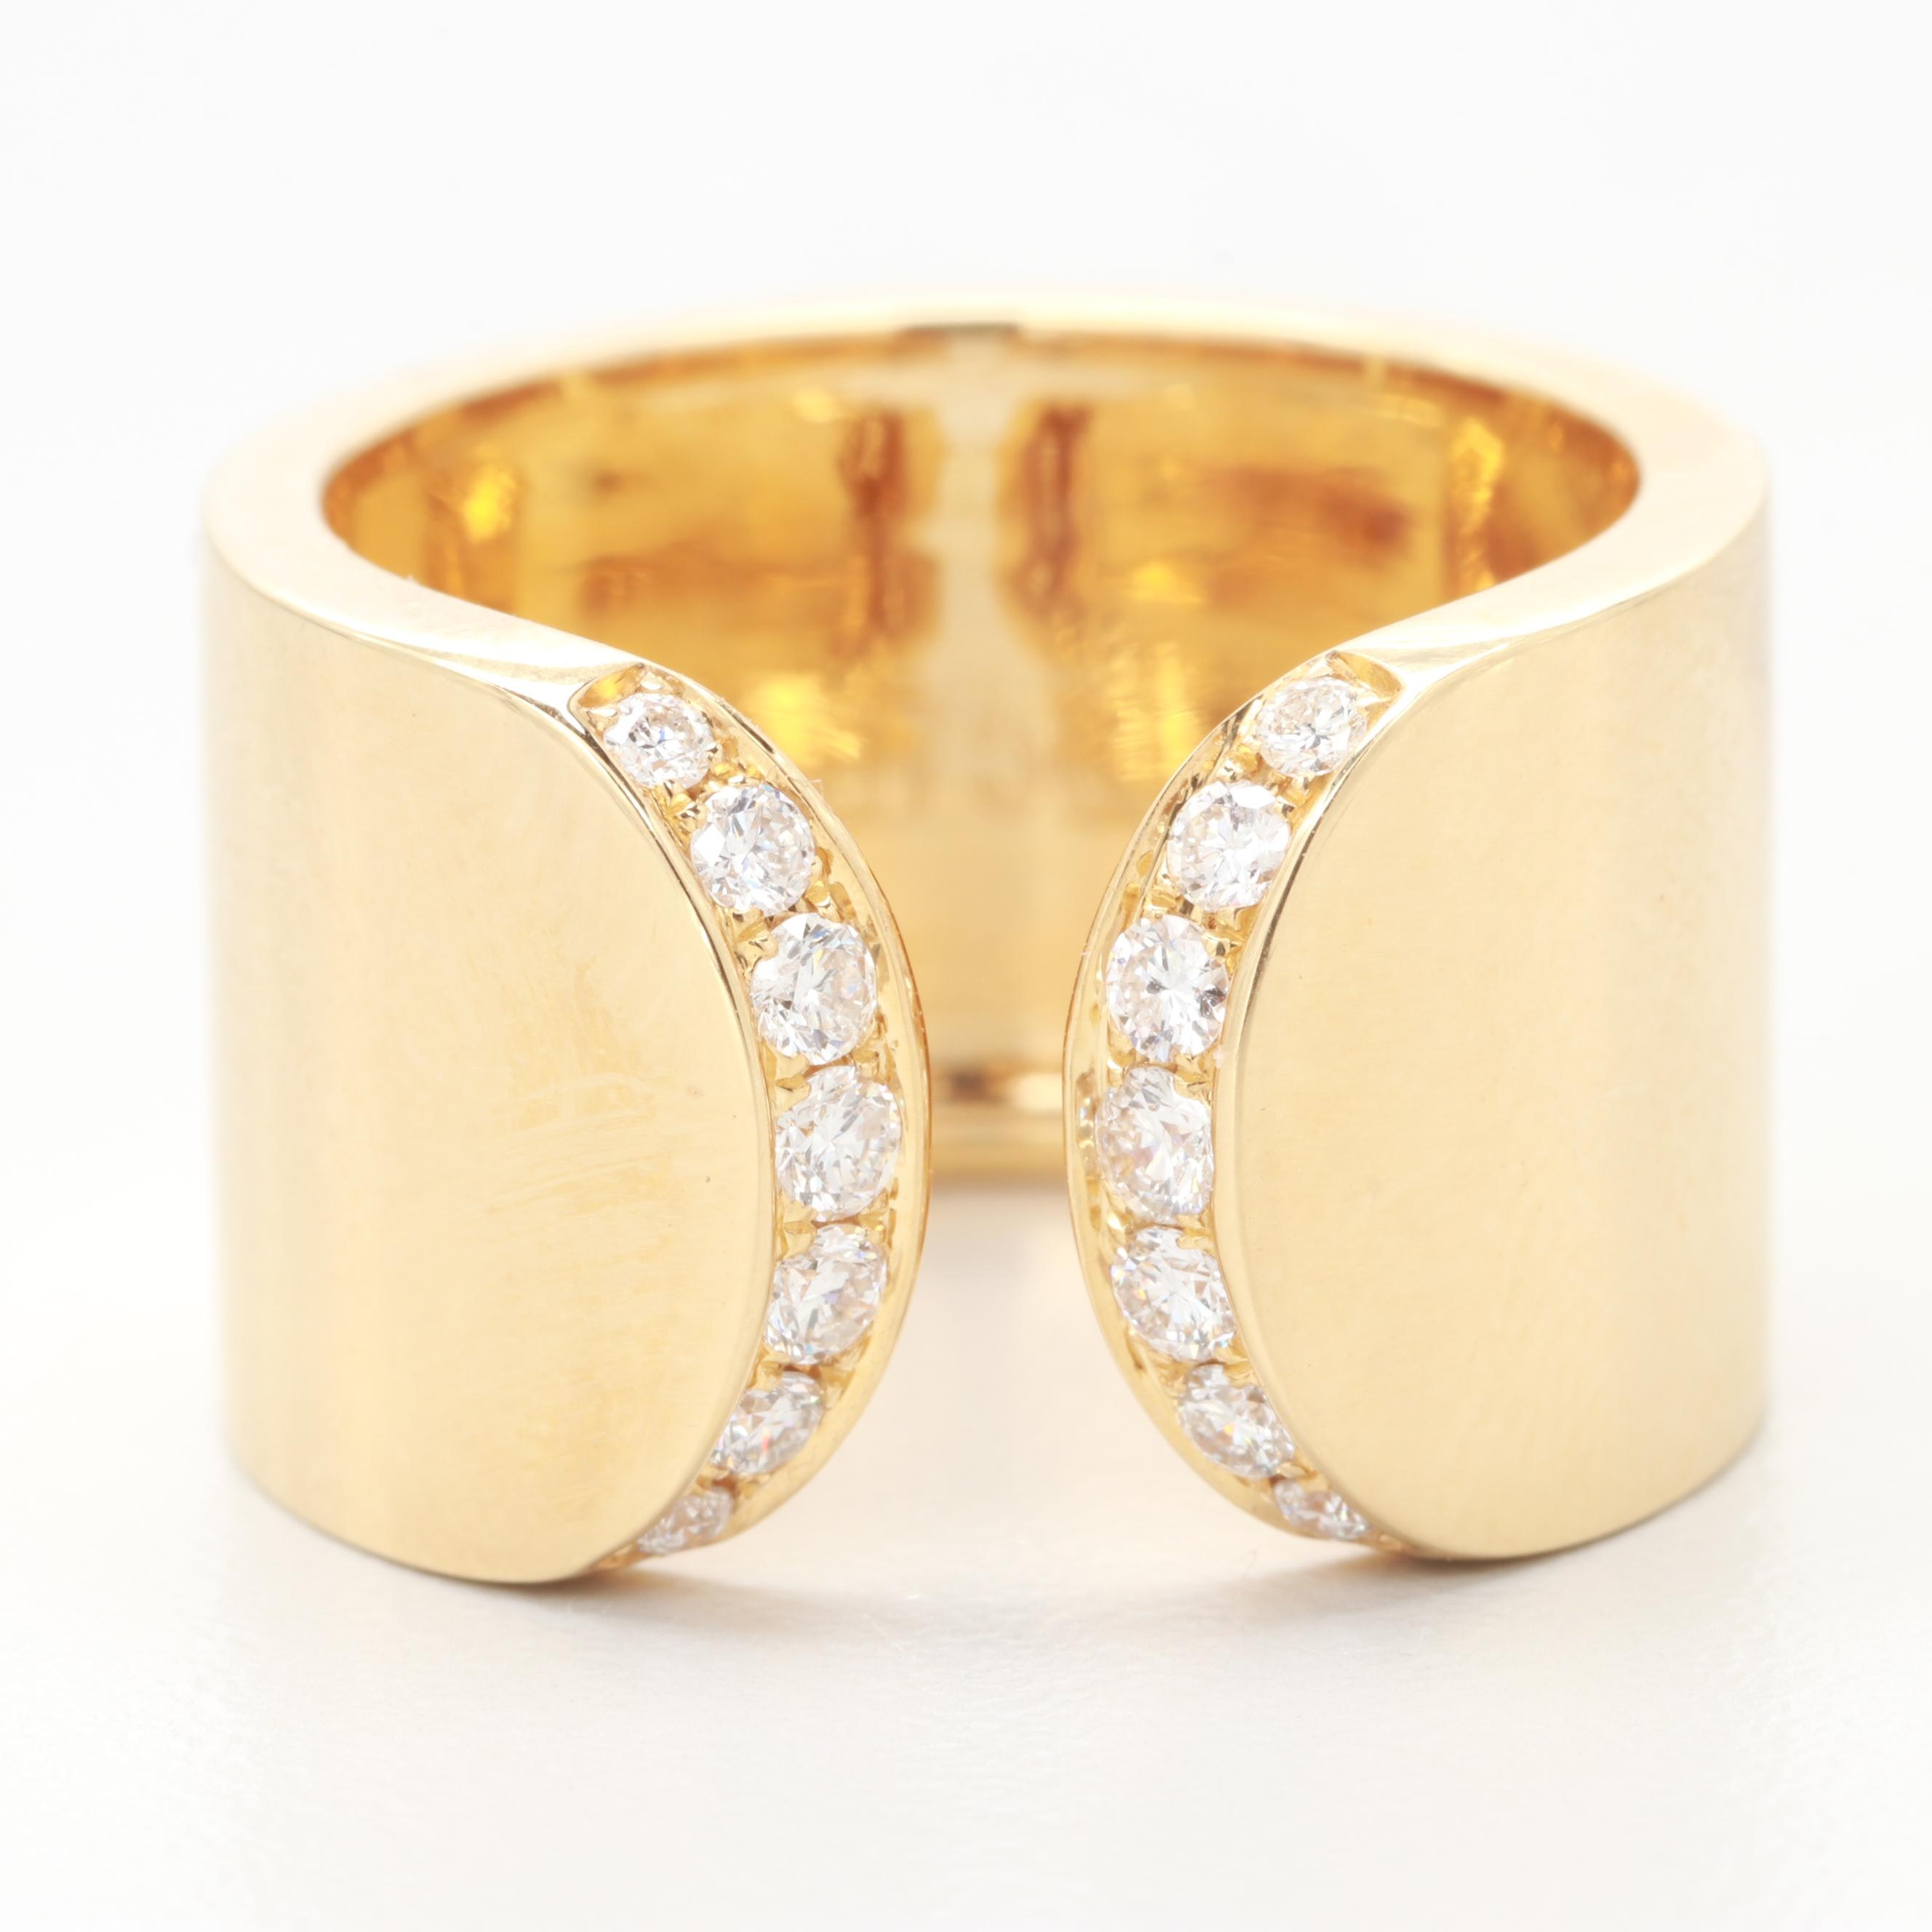 18K Yellow Gold Diamond Cuff Style Ring